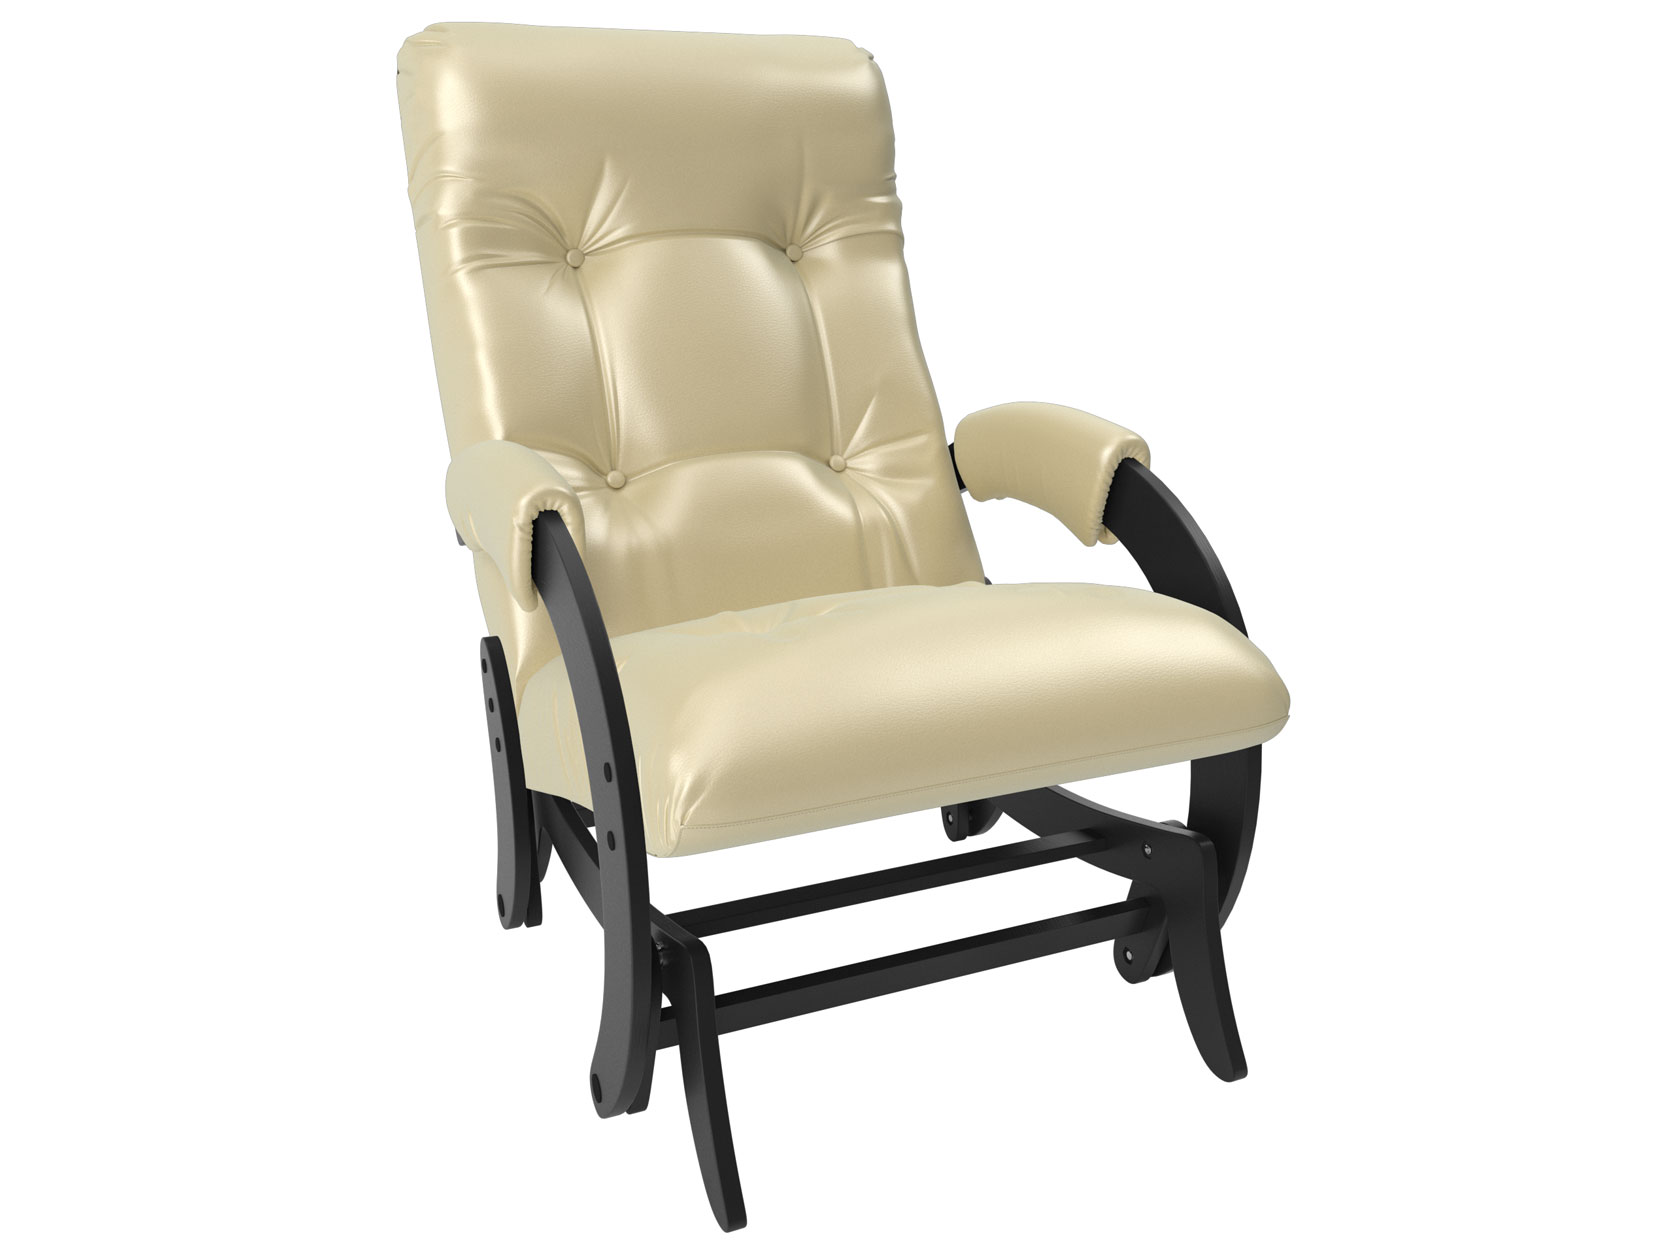 Кресло-глайдер 150-26582